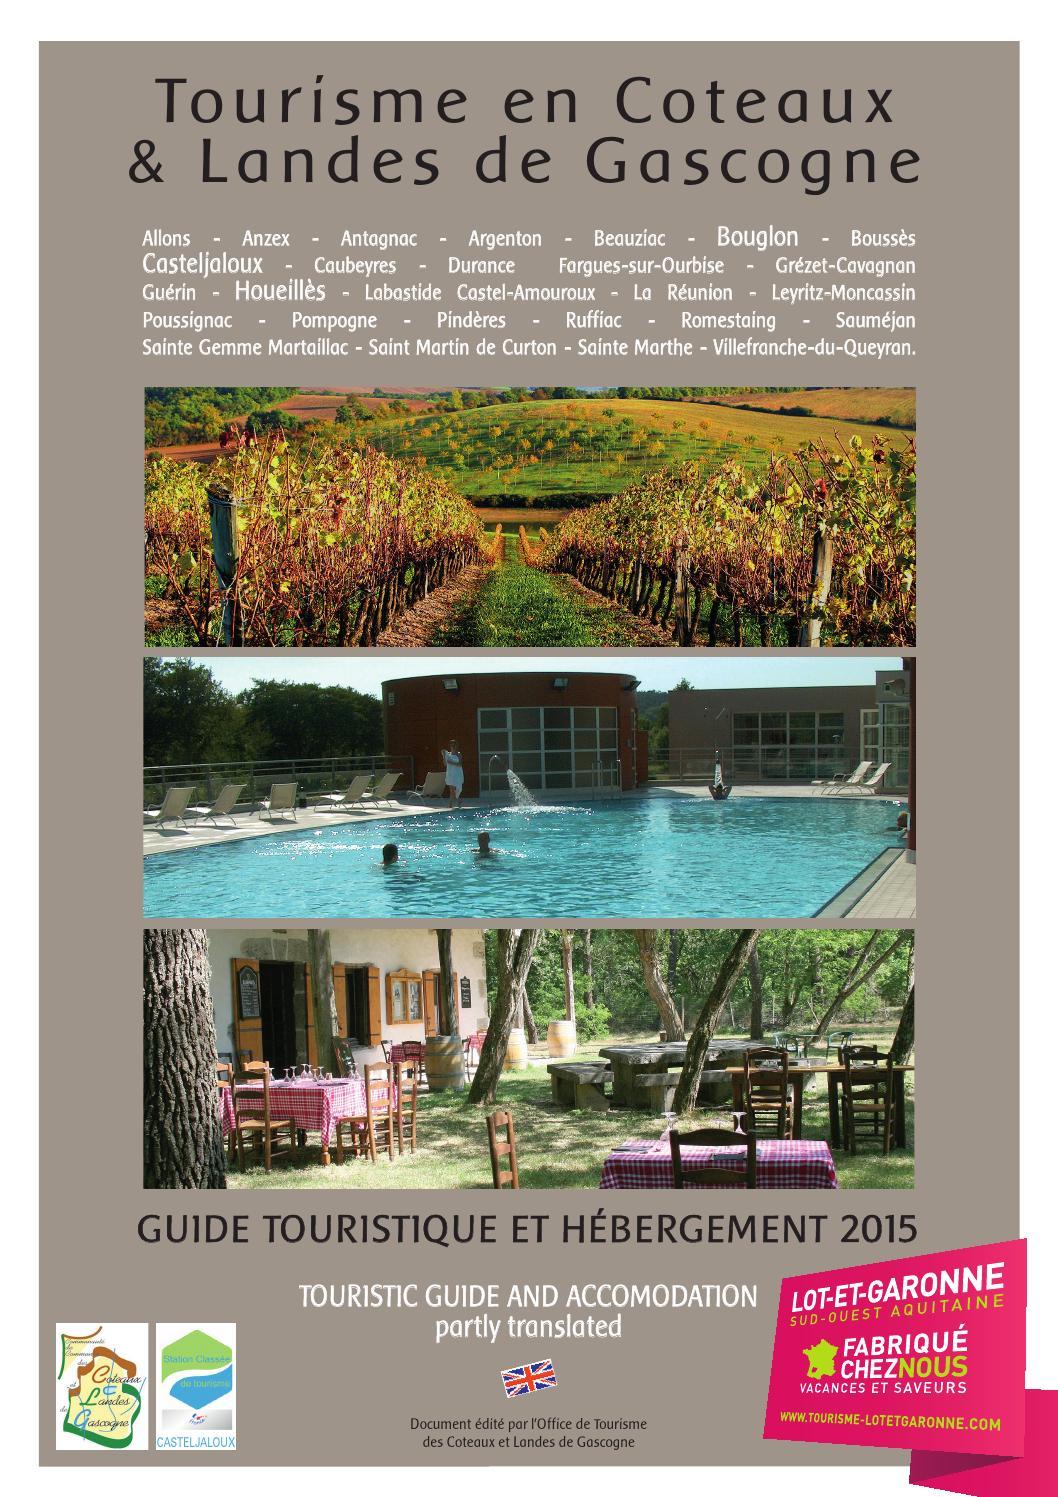 Guide touristique et h bergements 2015 casteljaloux - Office tourisme casteljaloux ...